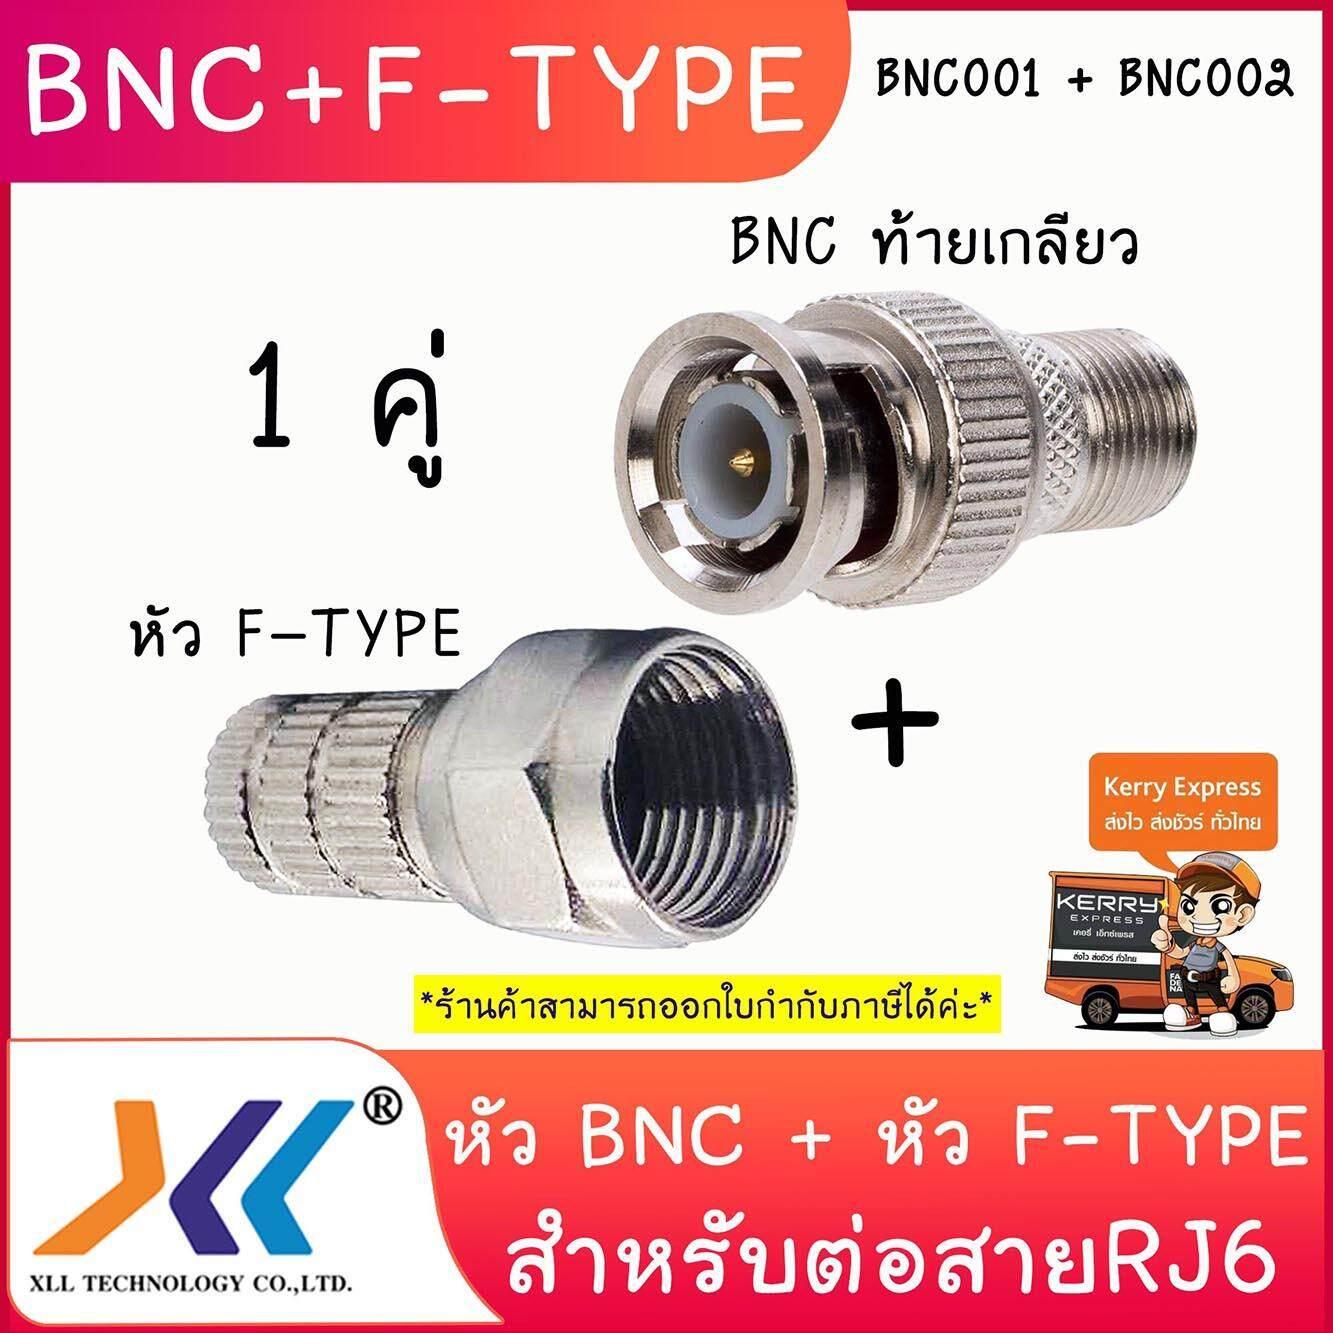 หัว BNC + หัว F-Type สำหรับต่อสาย RG6 กล้องวงจรปิด 1 คู่